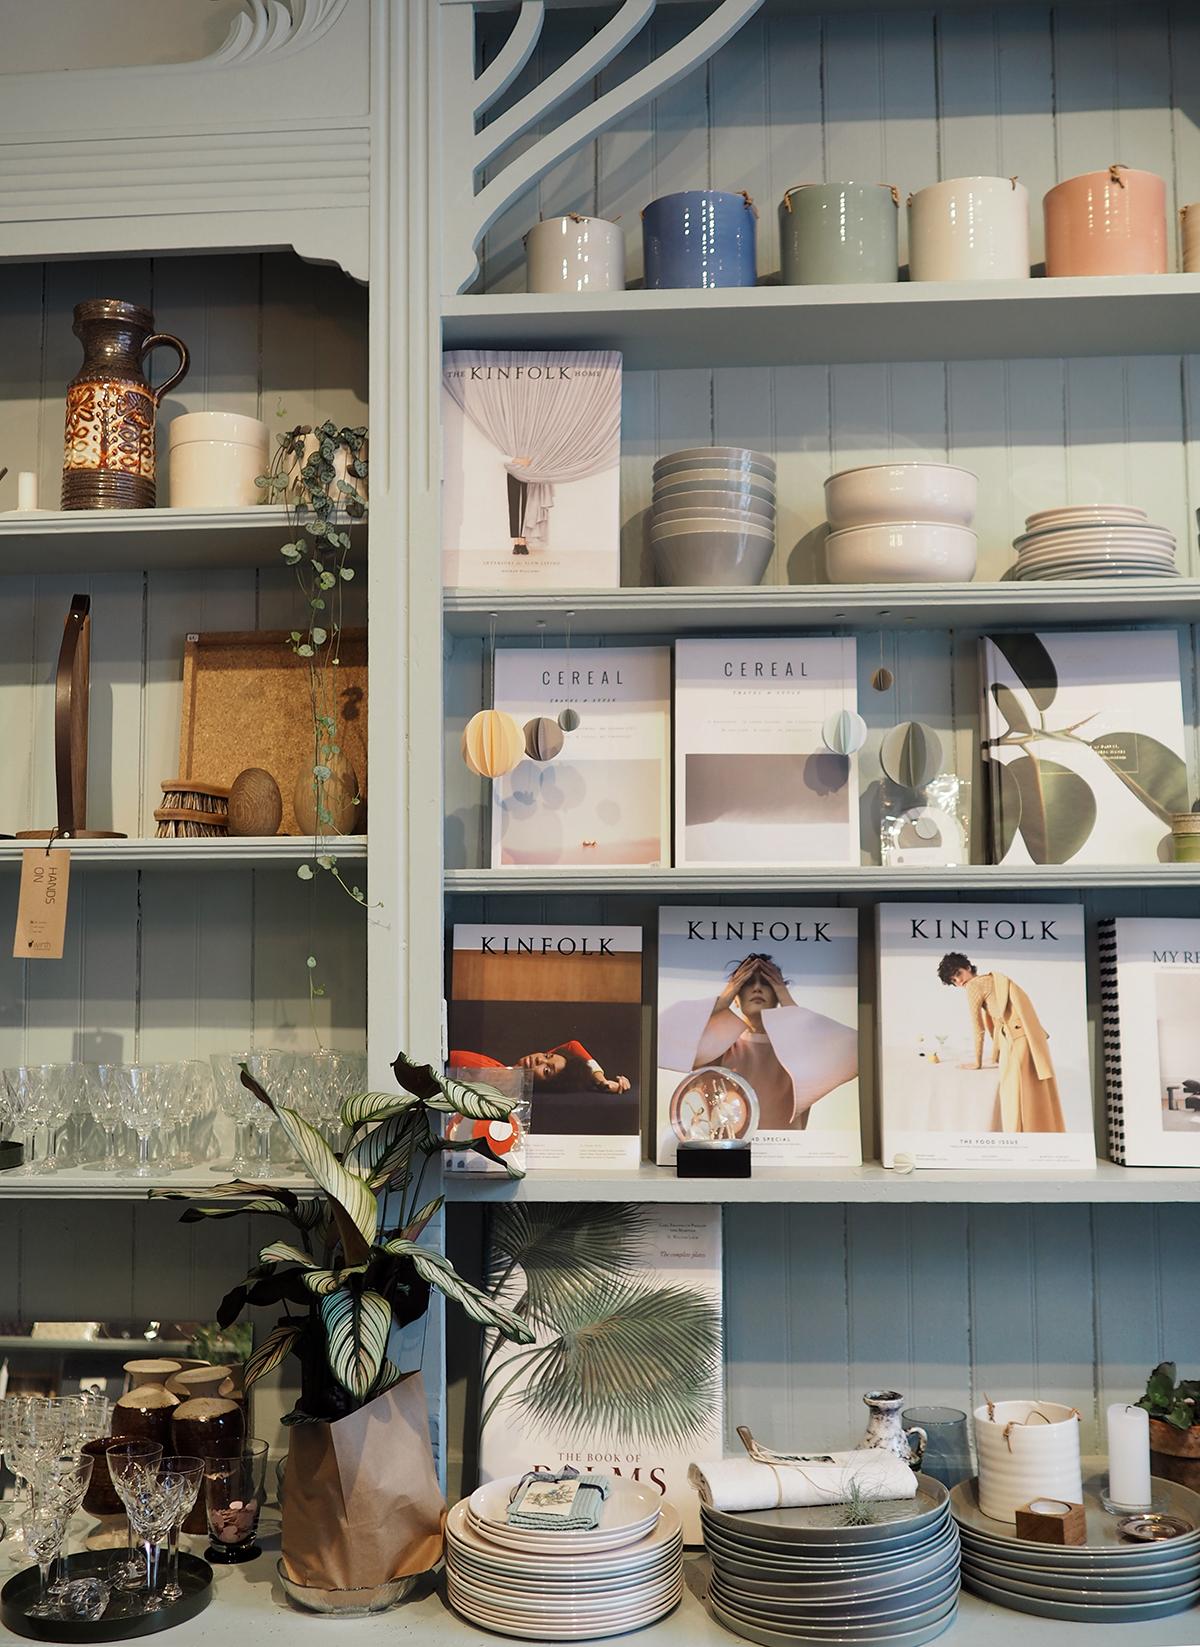 Bak shop, Copenhagen